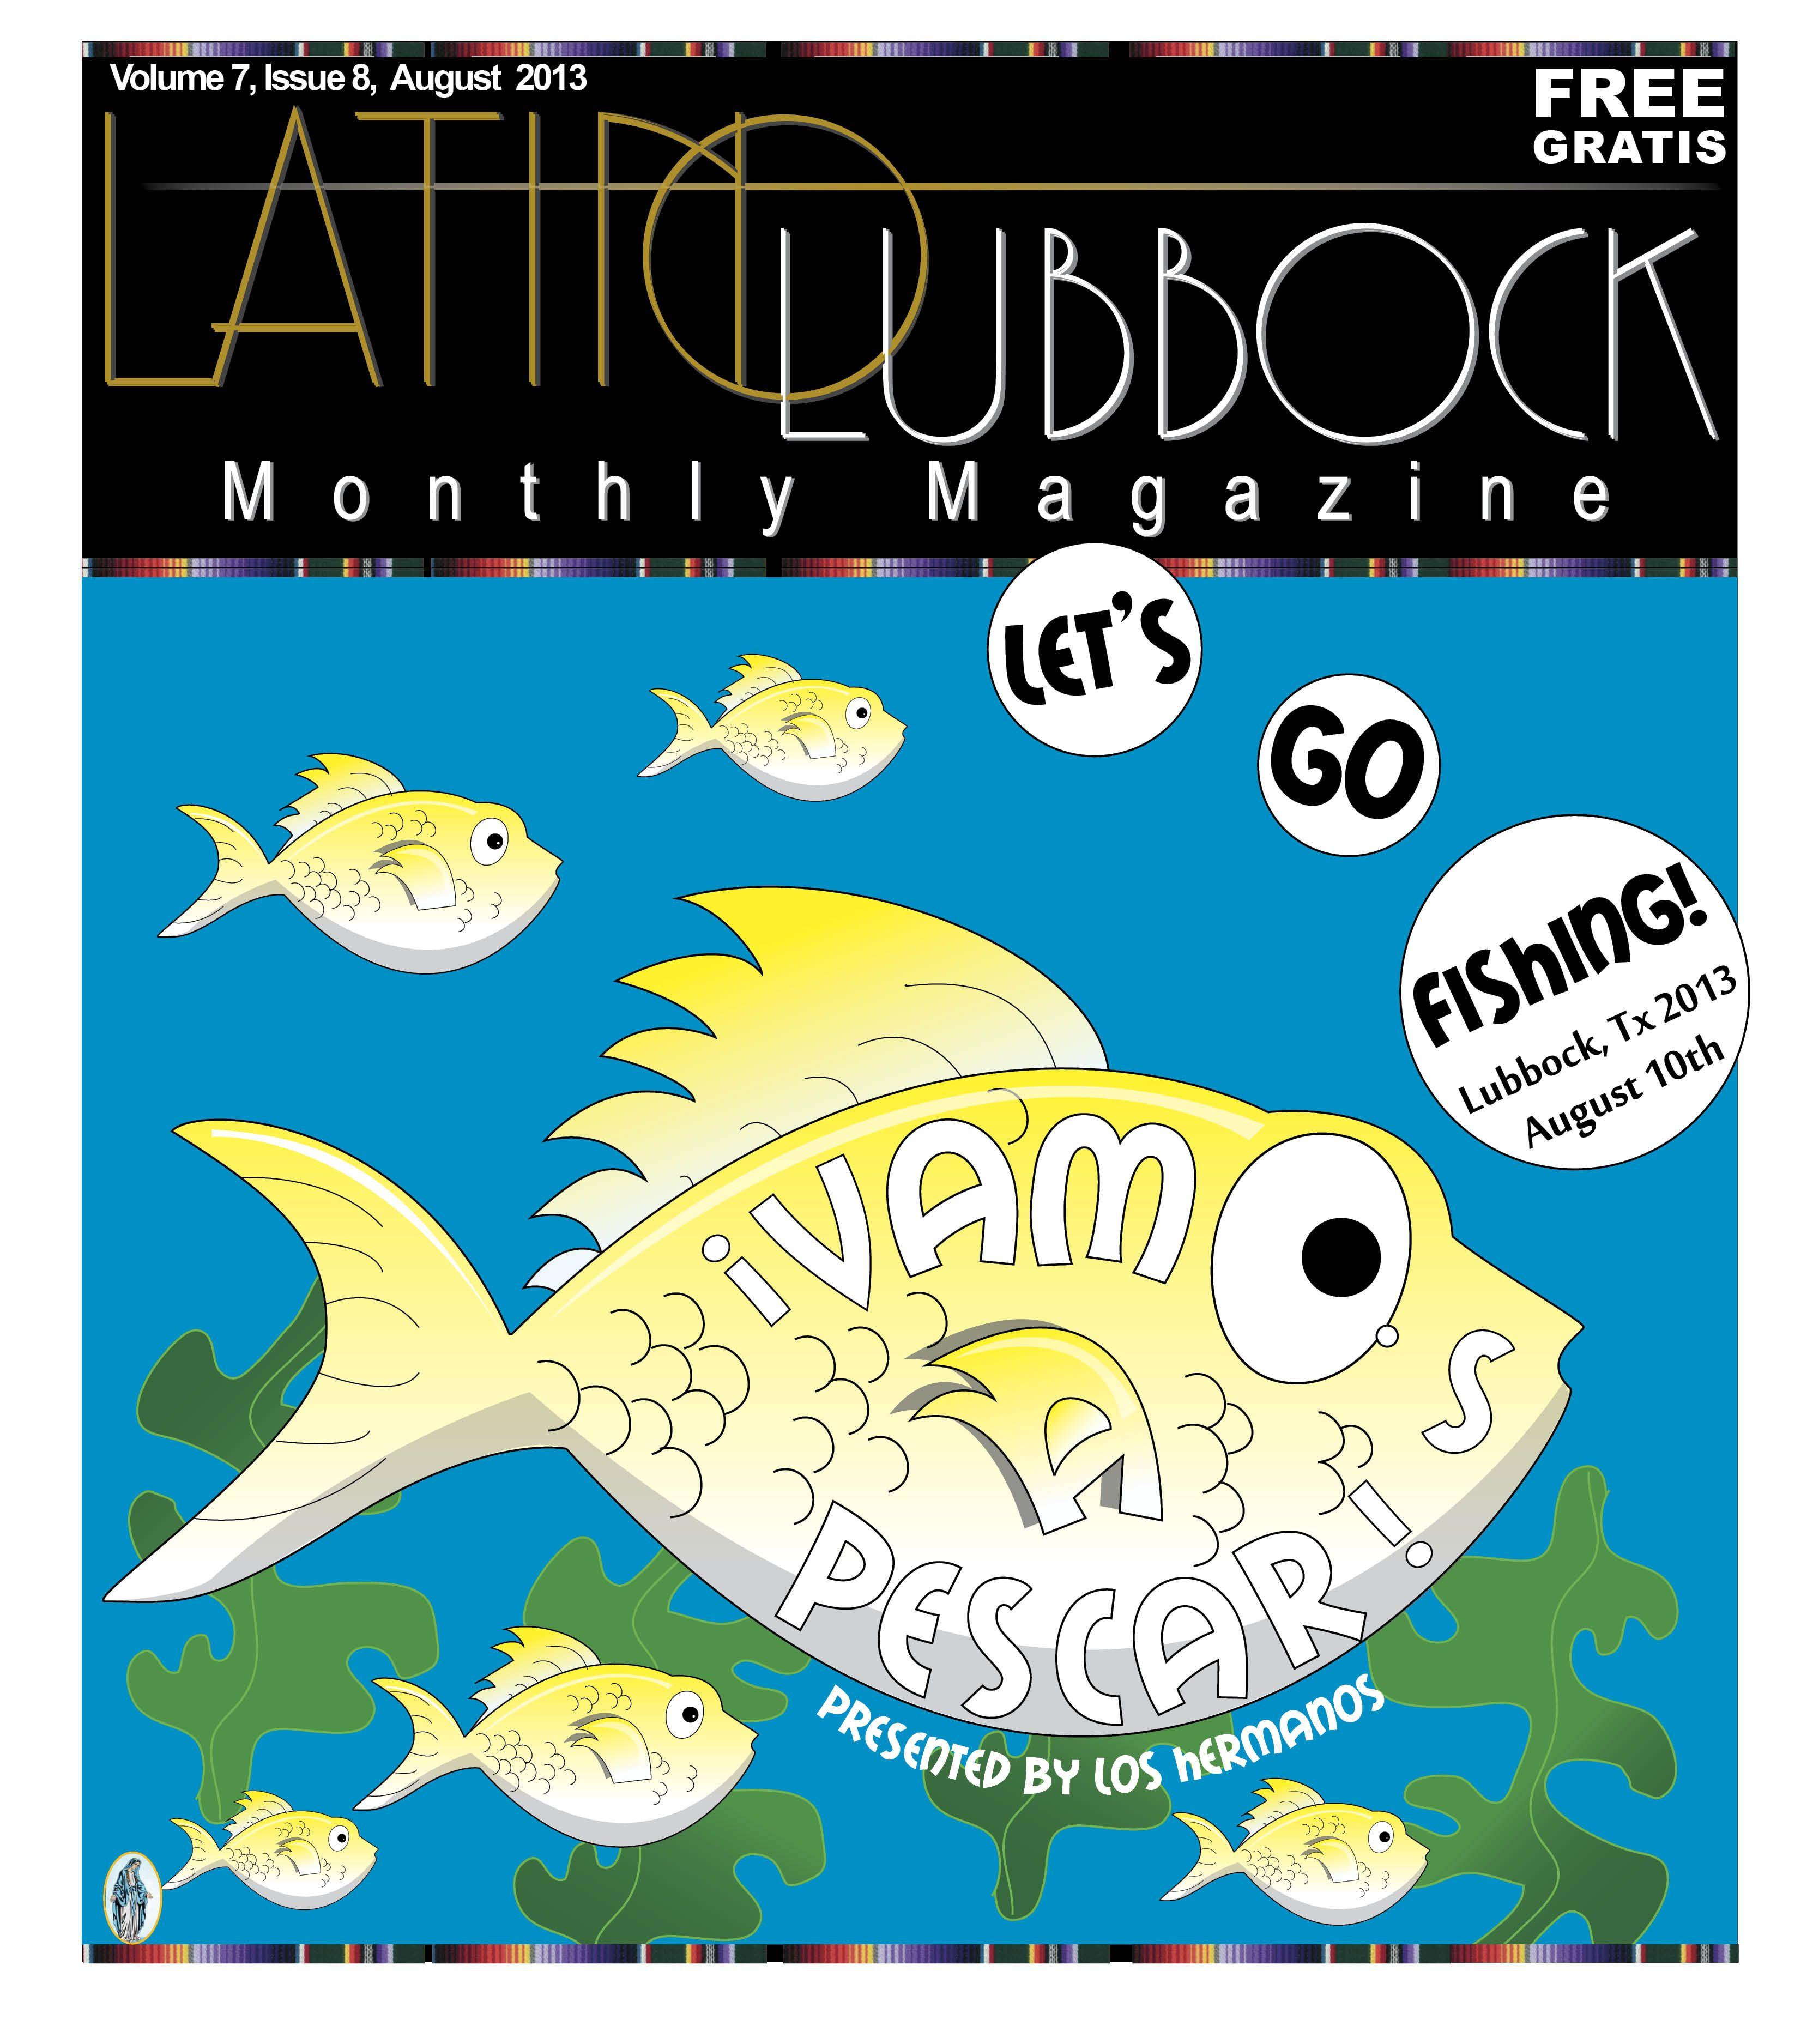 August 2013  Volume 7, Issue 8